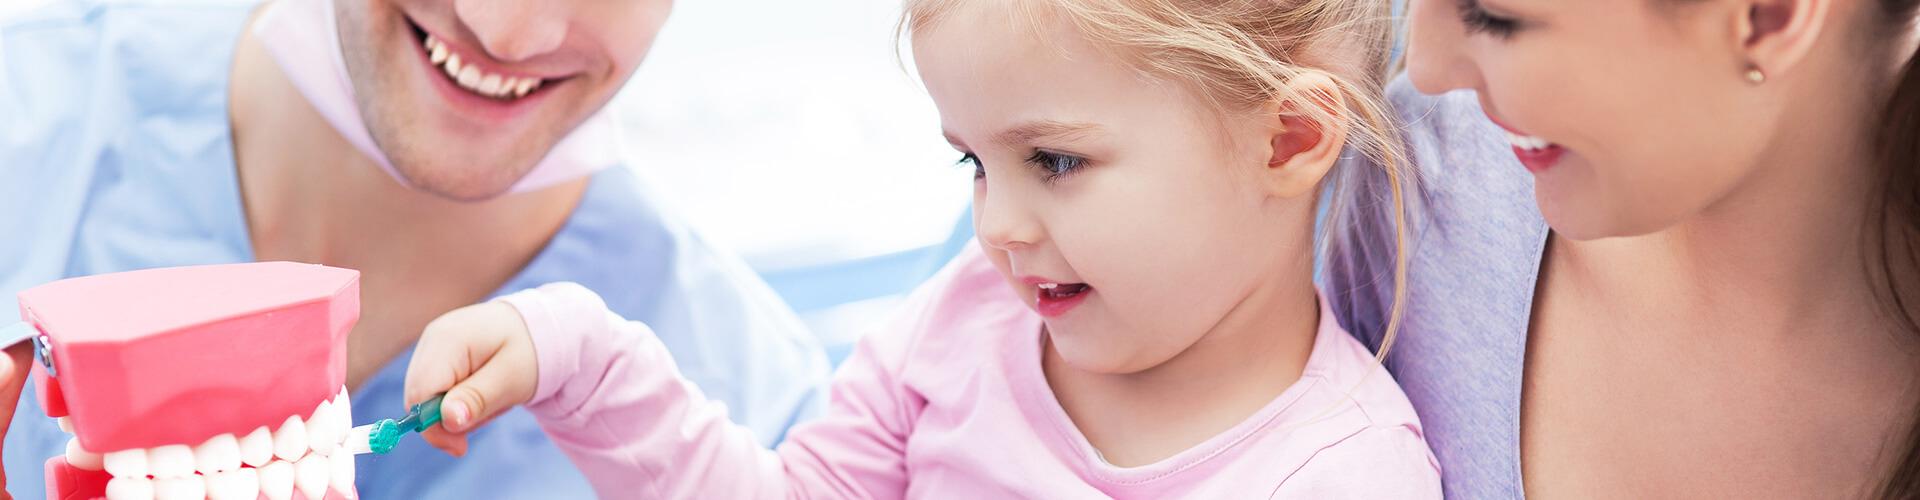 Pediatric Dentistry, Marietta